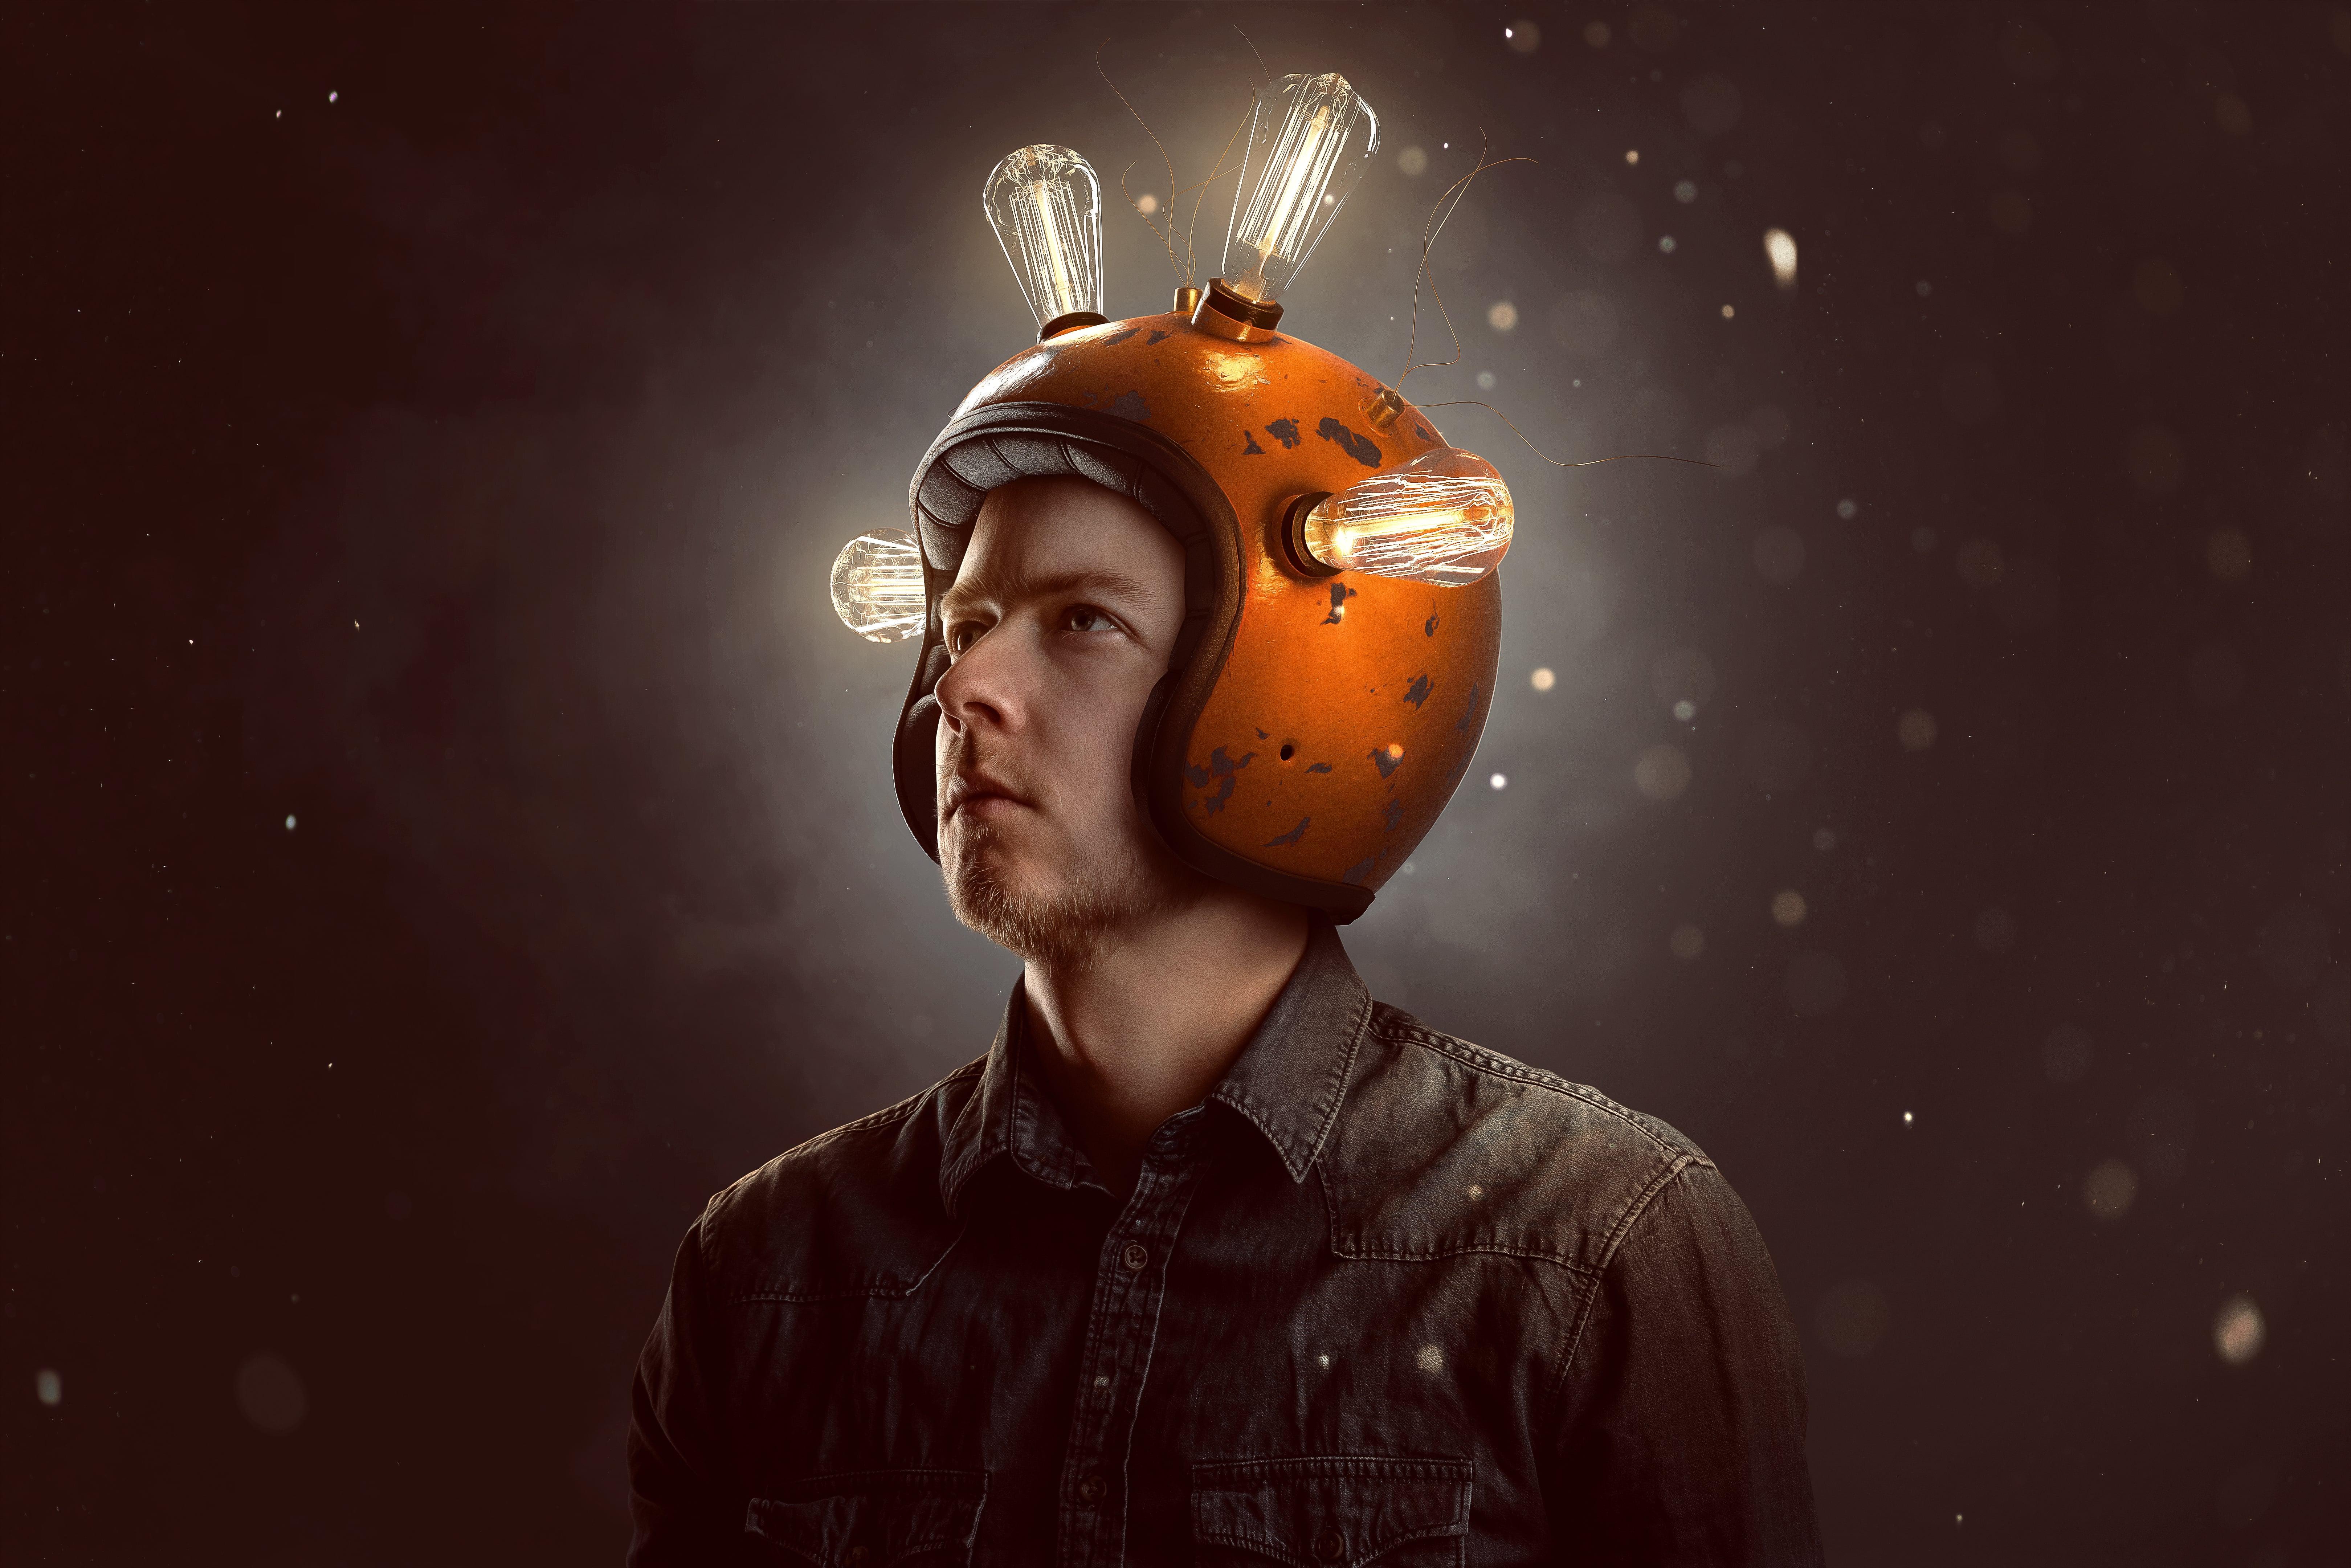 Uskumused võivad mõjutada sinu karjääriotsuseid